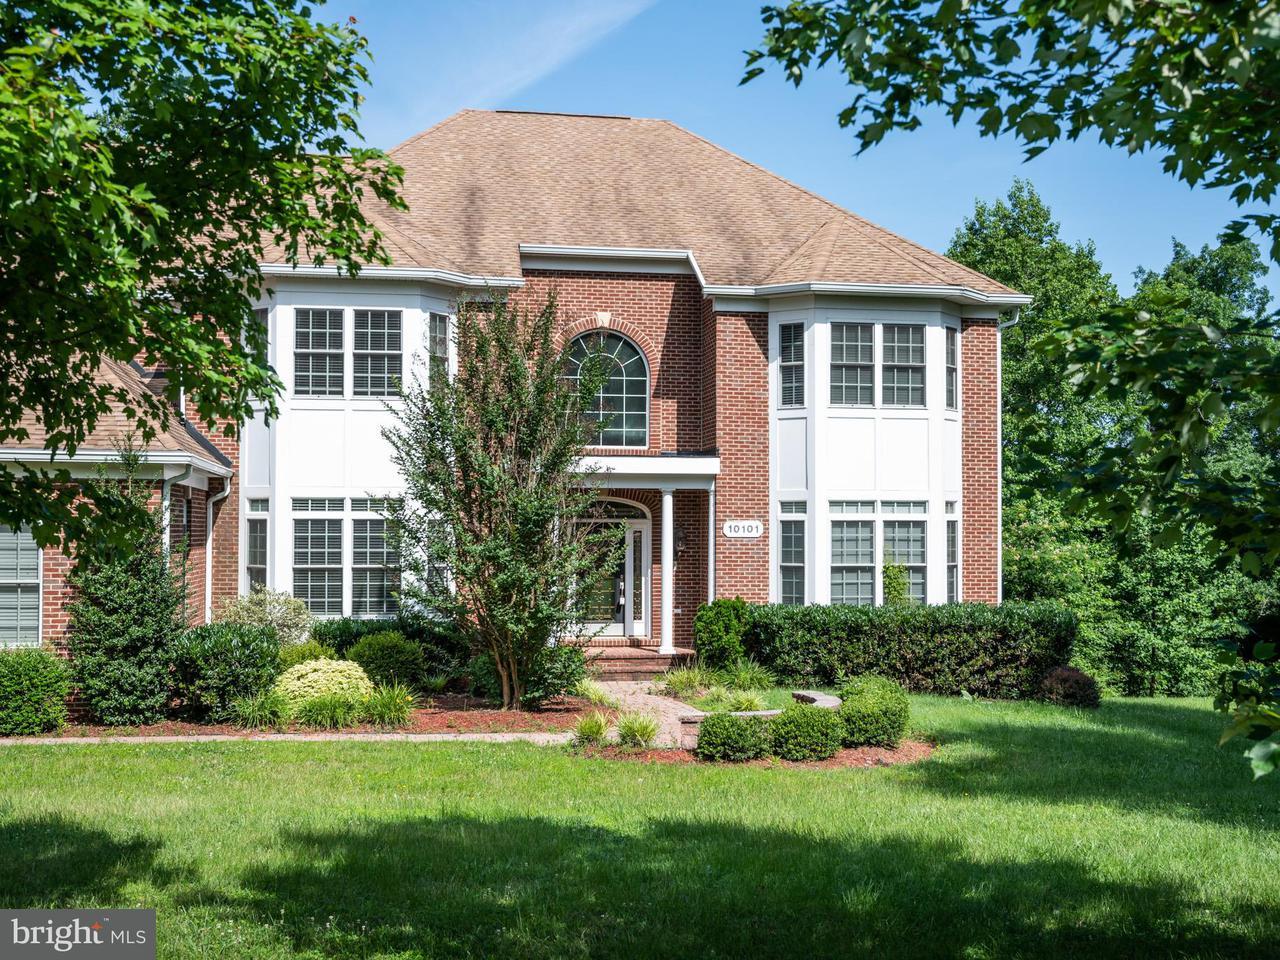 一戸建て のために 売買 アット 10101 ALYDAR Court 10101 ALYDAR Court Nokesville, バージニア 20181 アメリカ合衆国